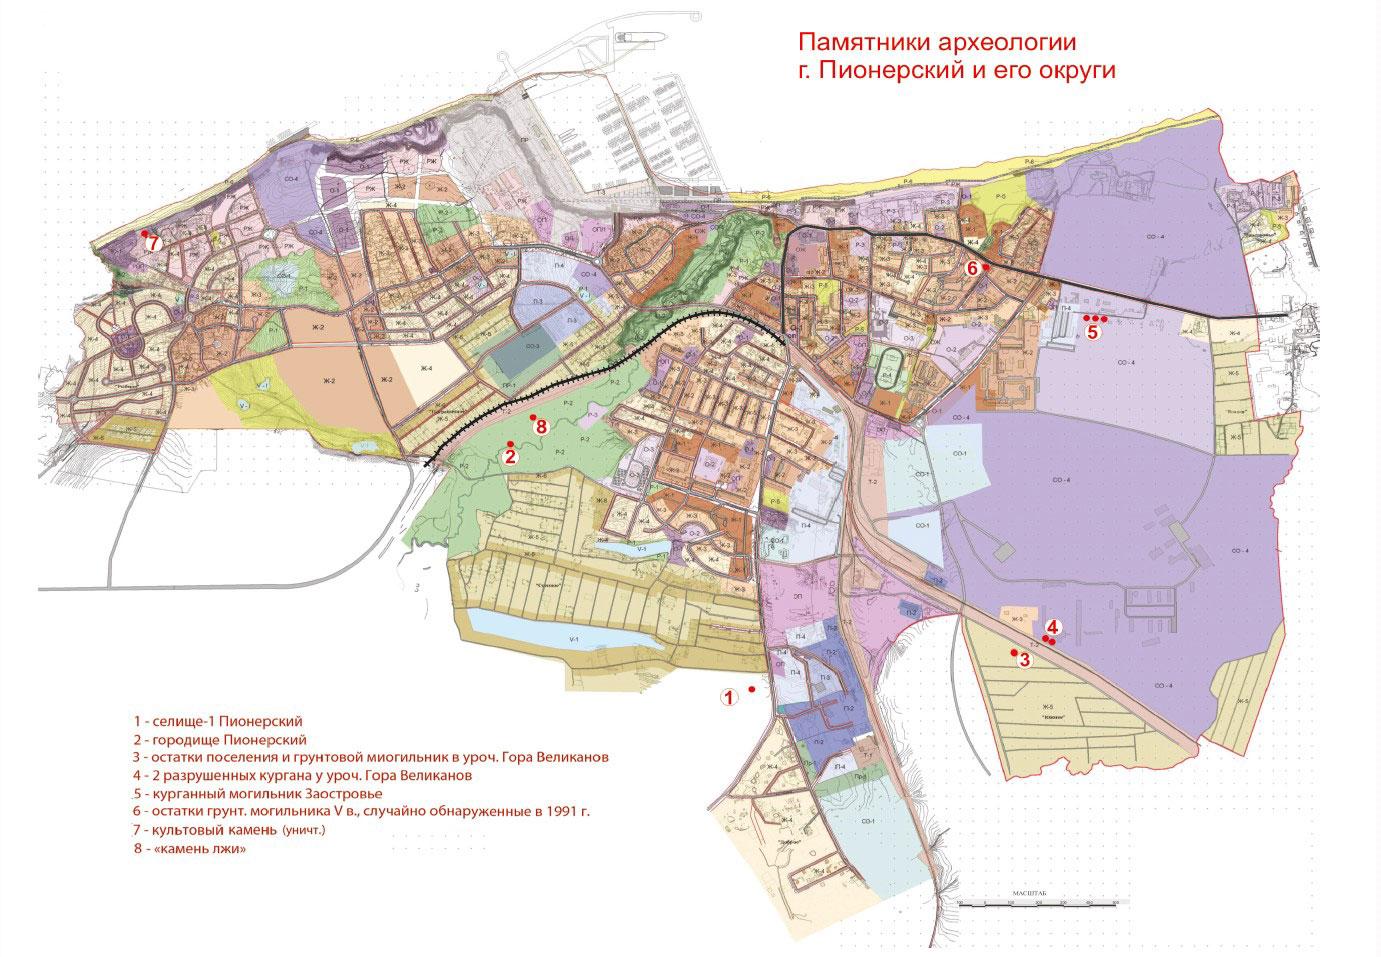 karta-pamyatnikov-arheologii-pionerskiy